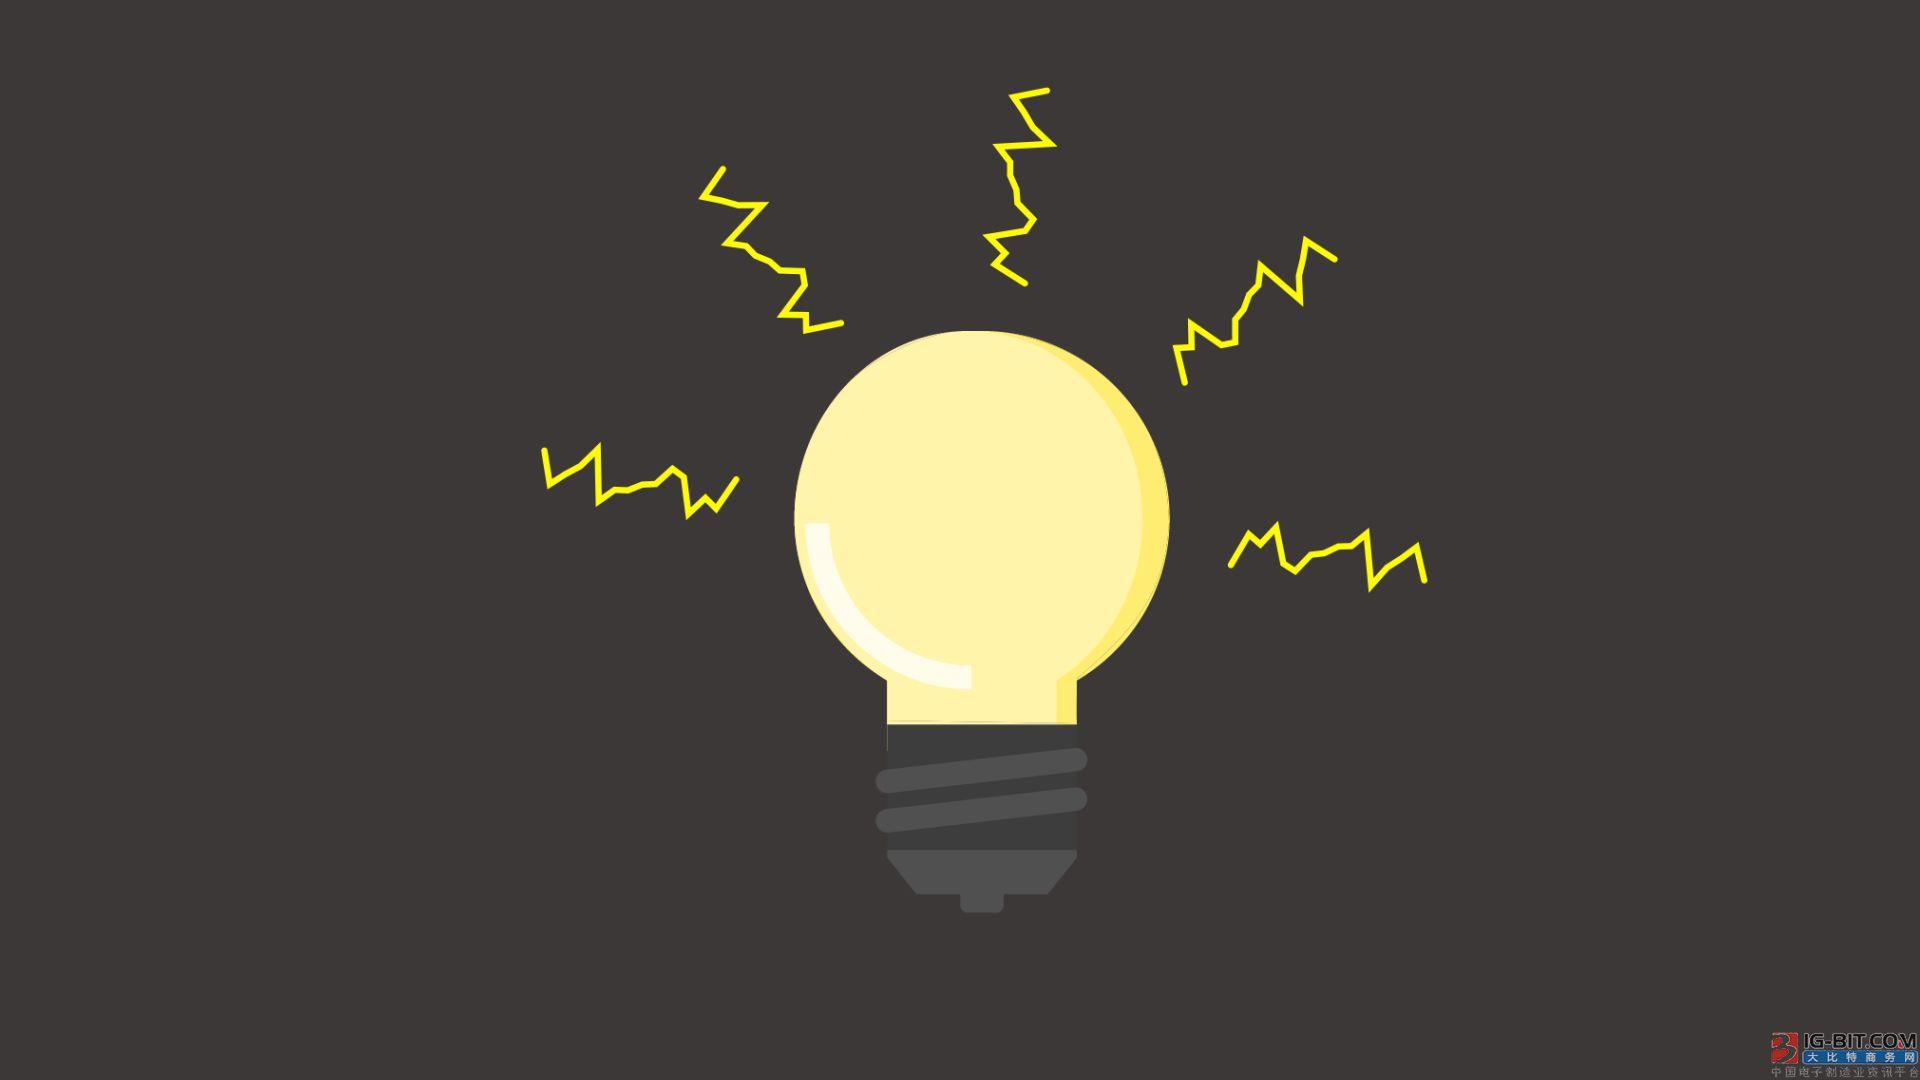 加大LED驱动芯片市场开拓 晶丰明源2019年营收净利双增长